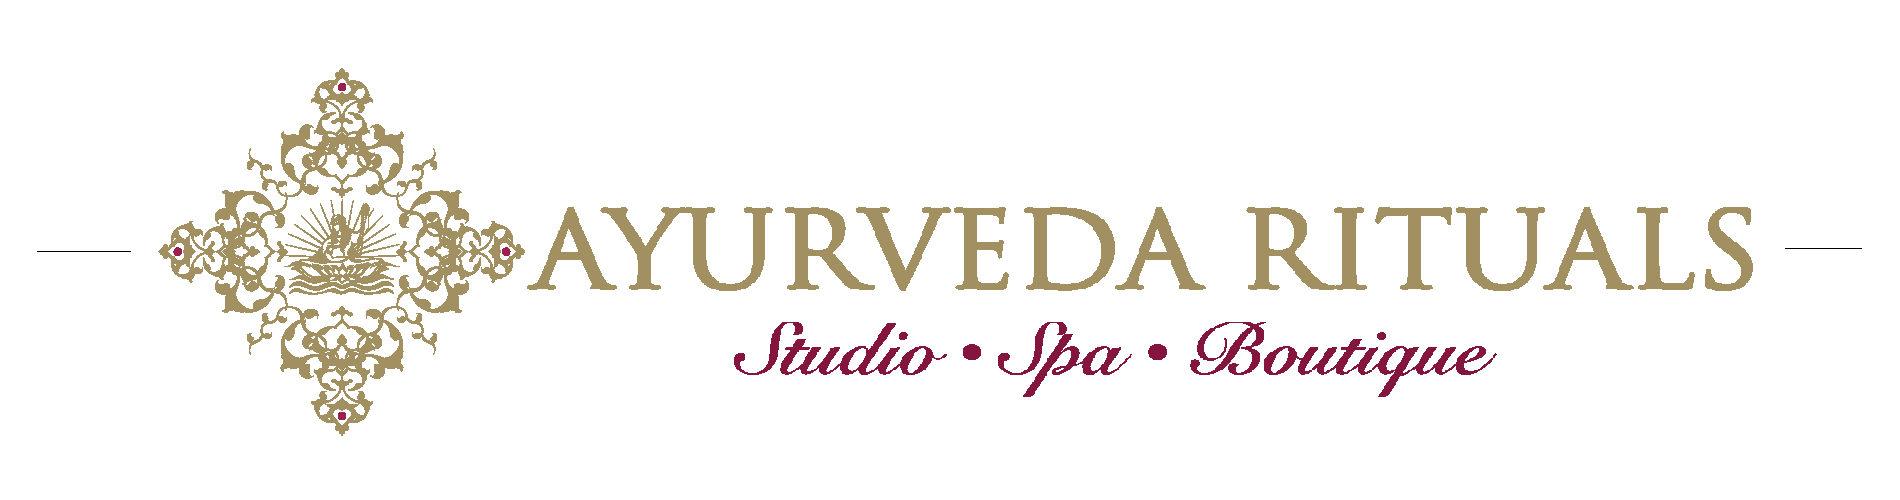 Ayurveda Rituals Spa